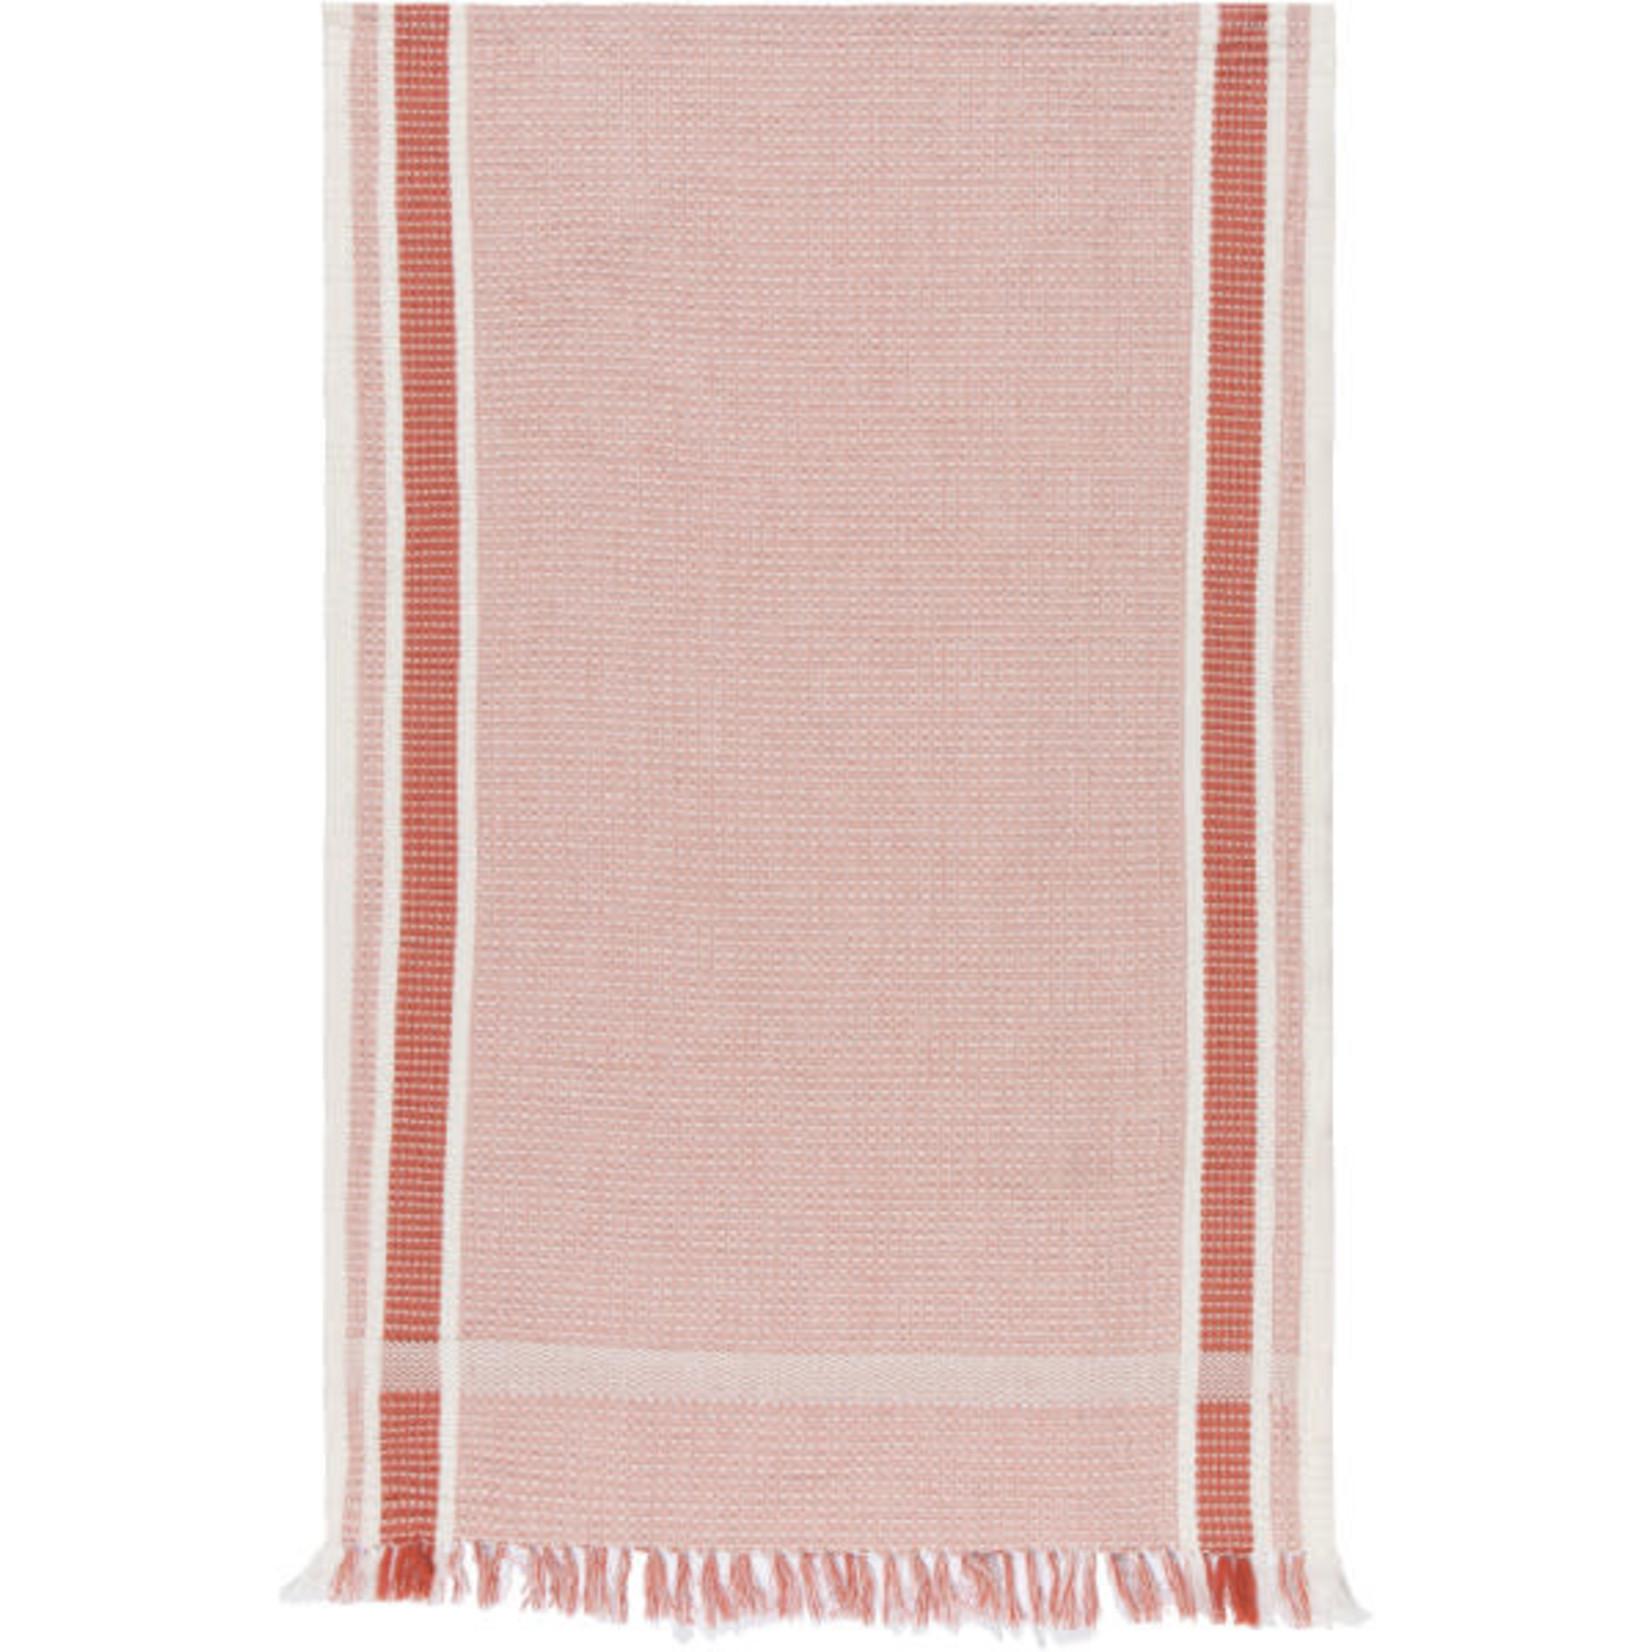 Heirloom Tea Towel